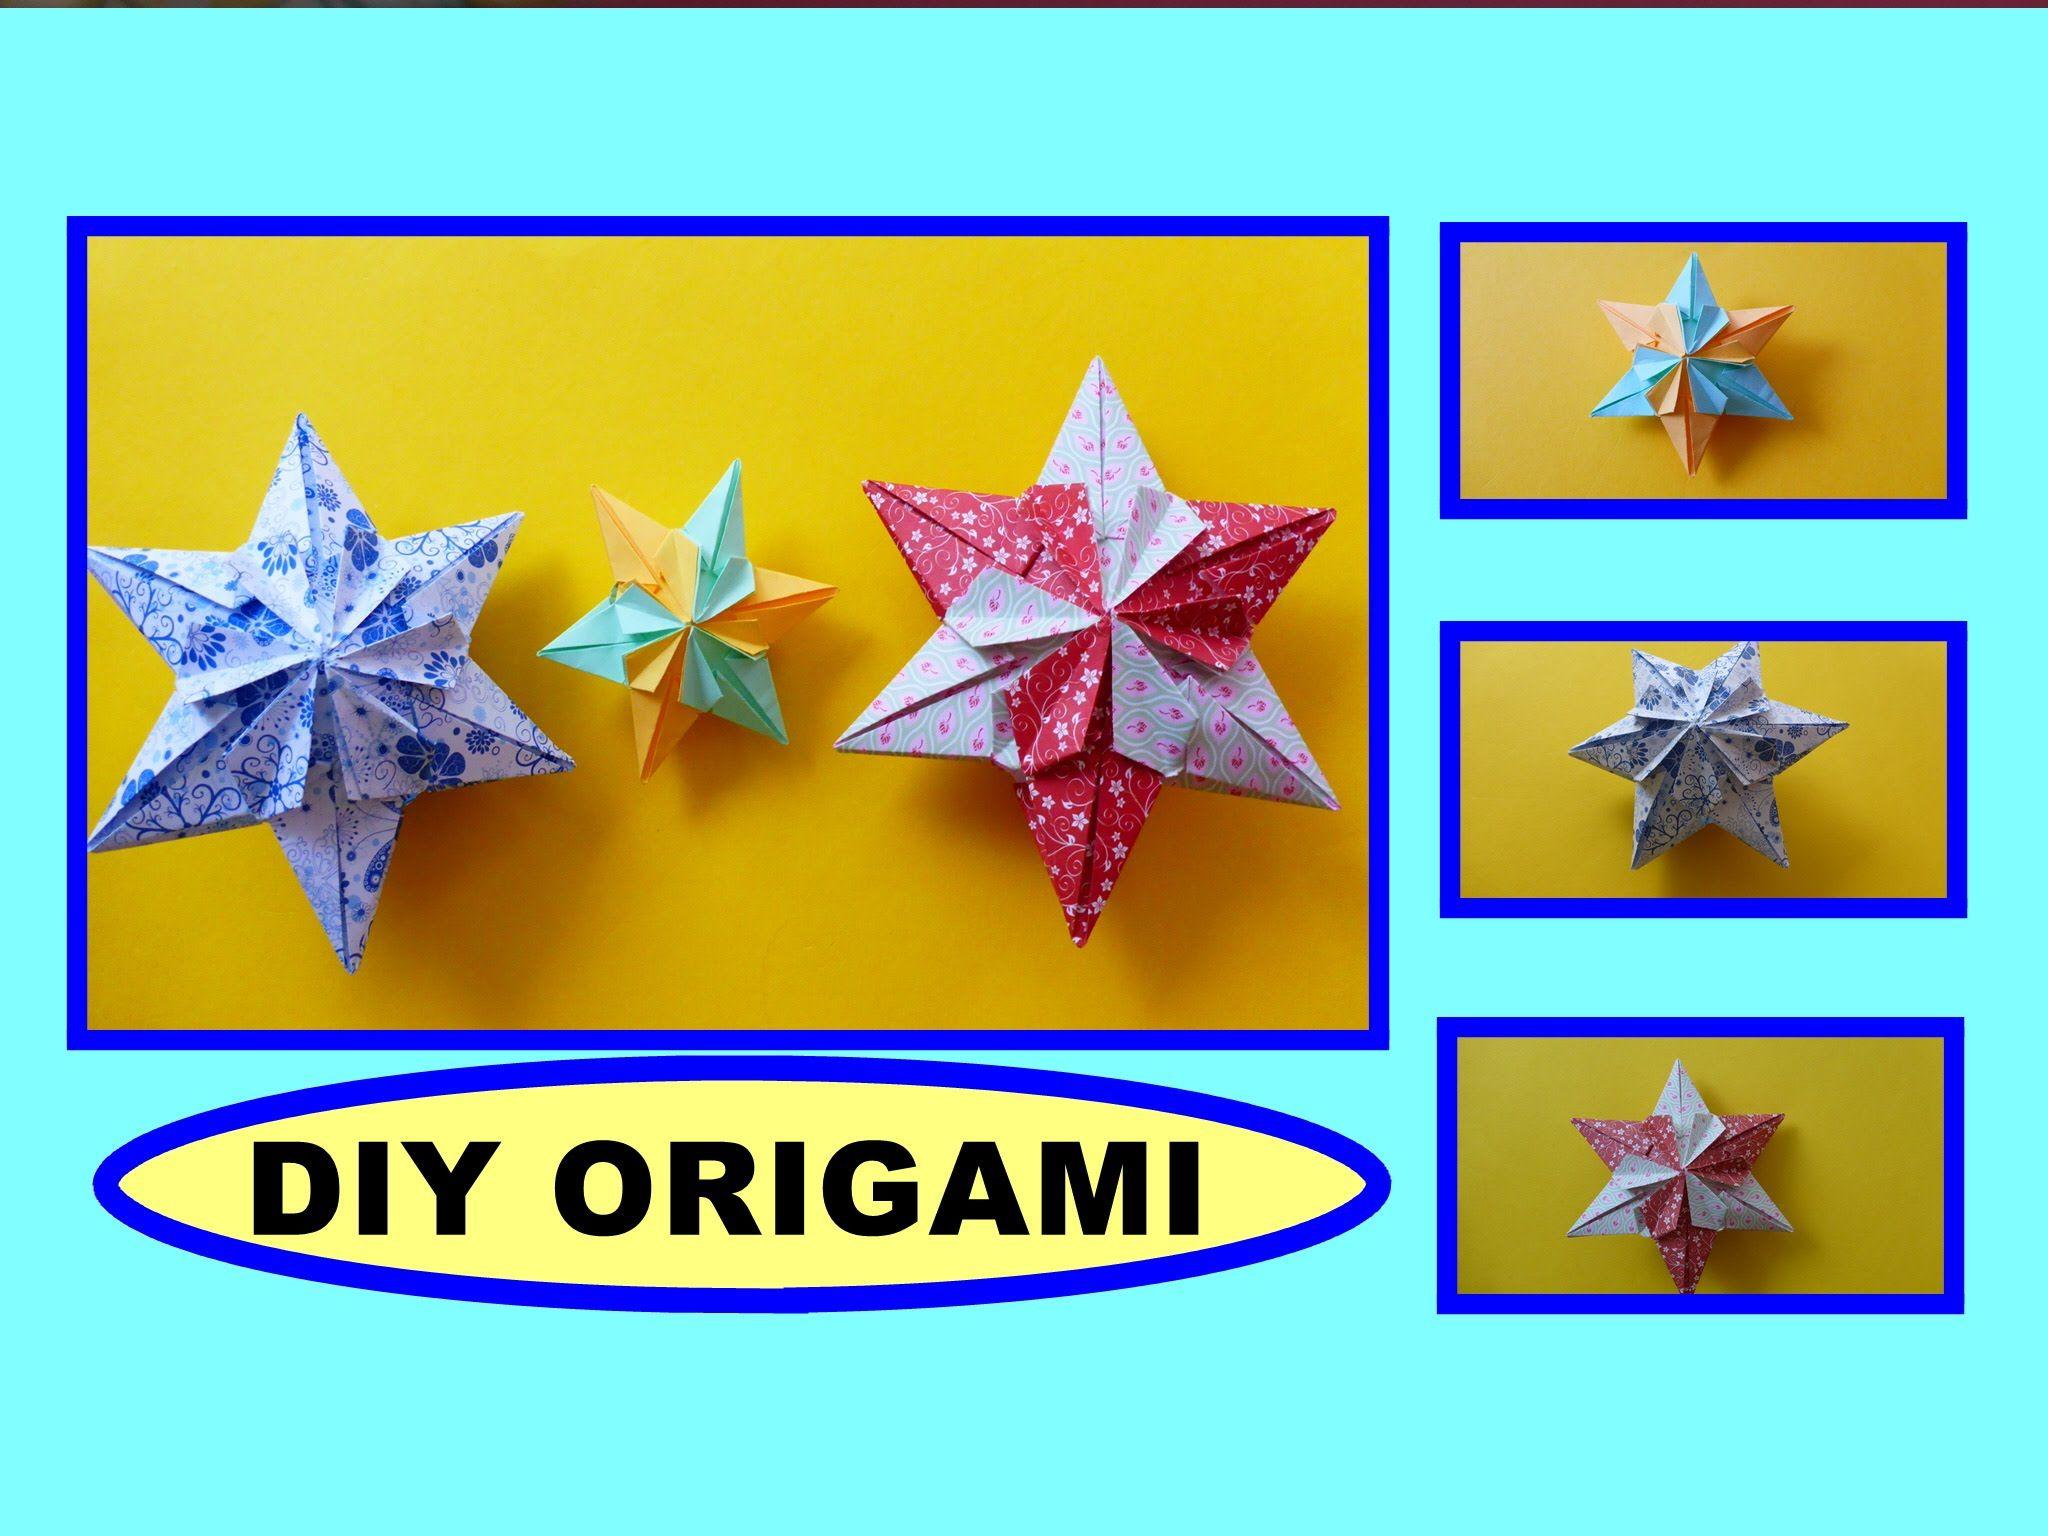 diy origami paper 3d star gift ideas stern geschenke